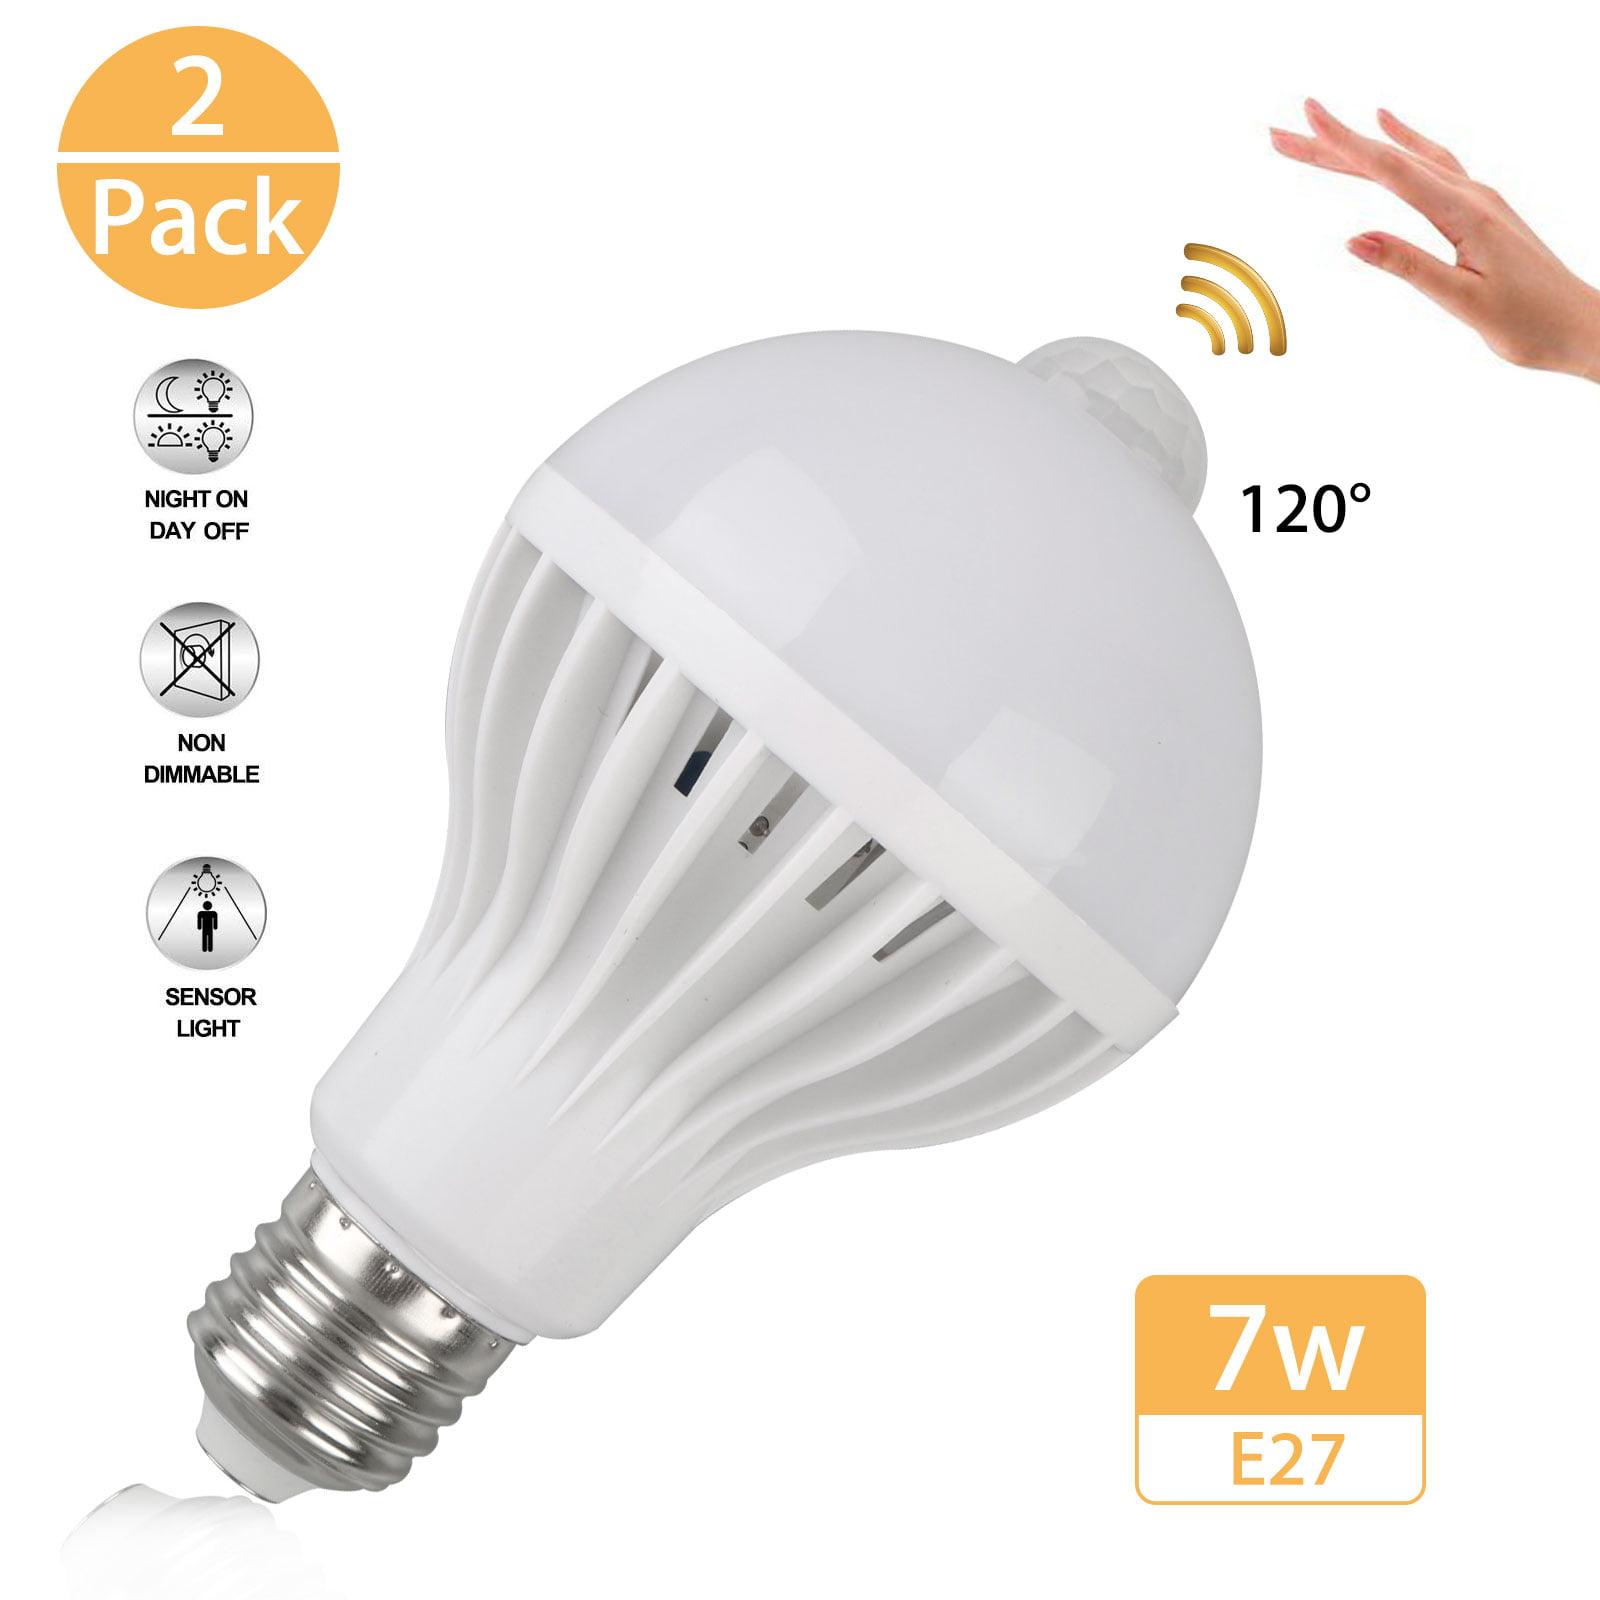 2-pack 7W E27 LED PIR Motion Sensor Auto Energy Saving Light Lamp Bulb Infrared